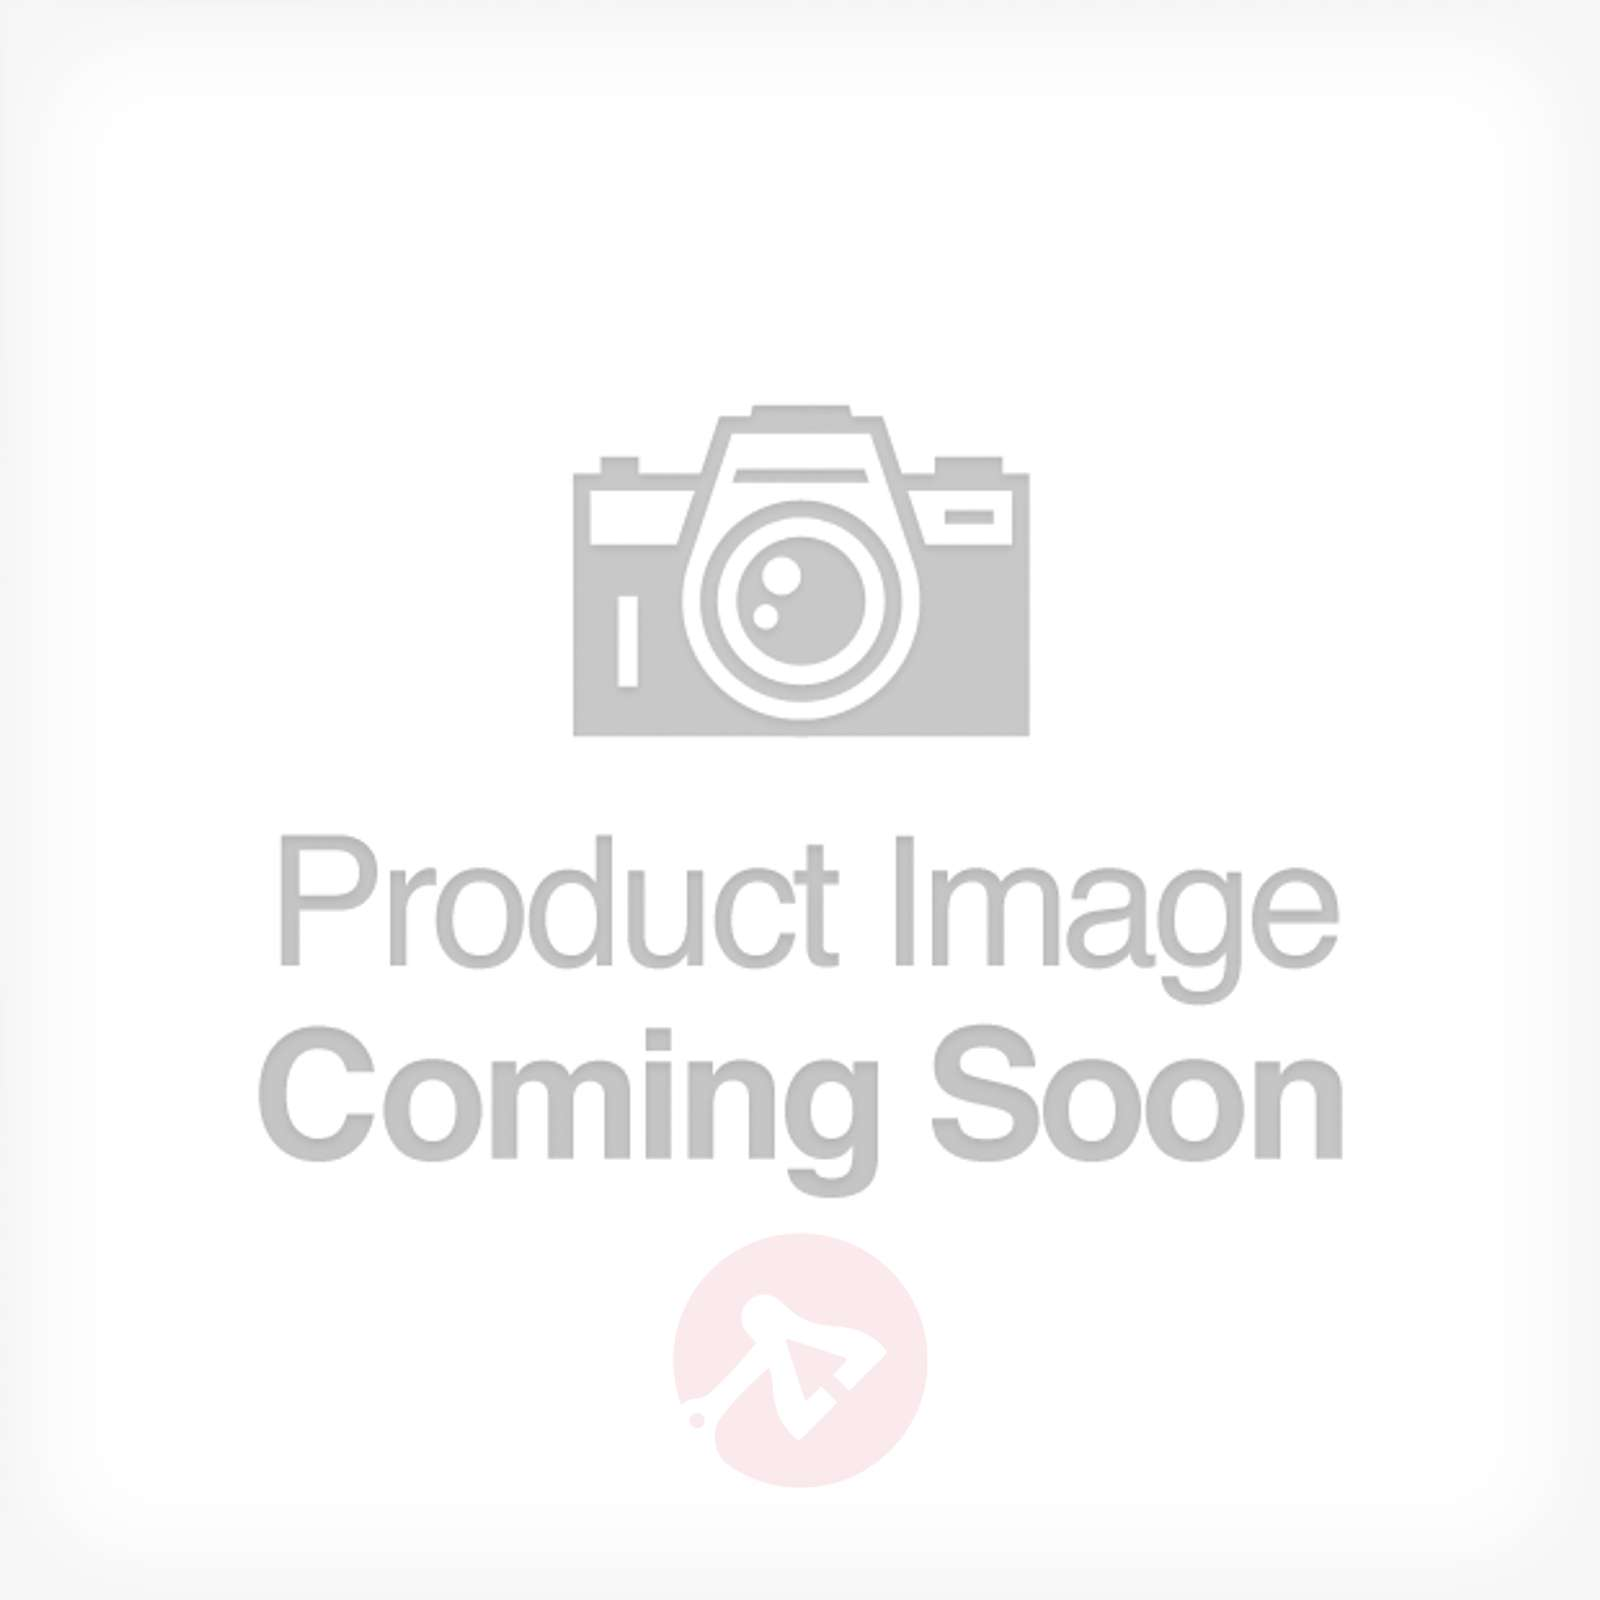 Ohjattava iDual E27-LED-lamppu, 2 kpl, kaukosäädin-9038020-03